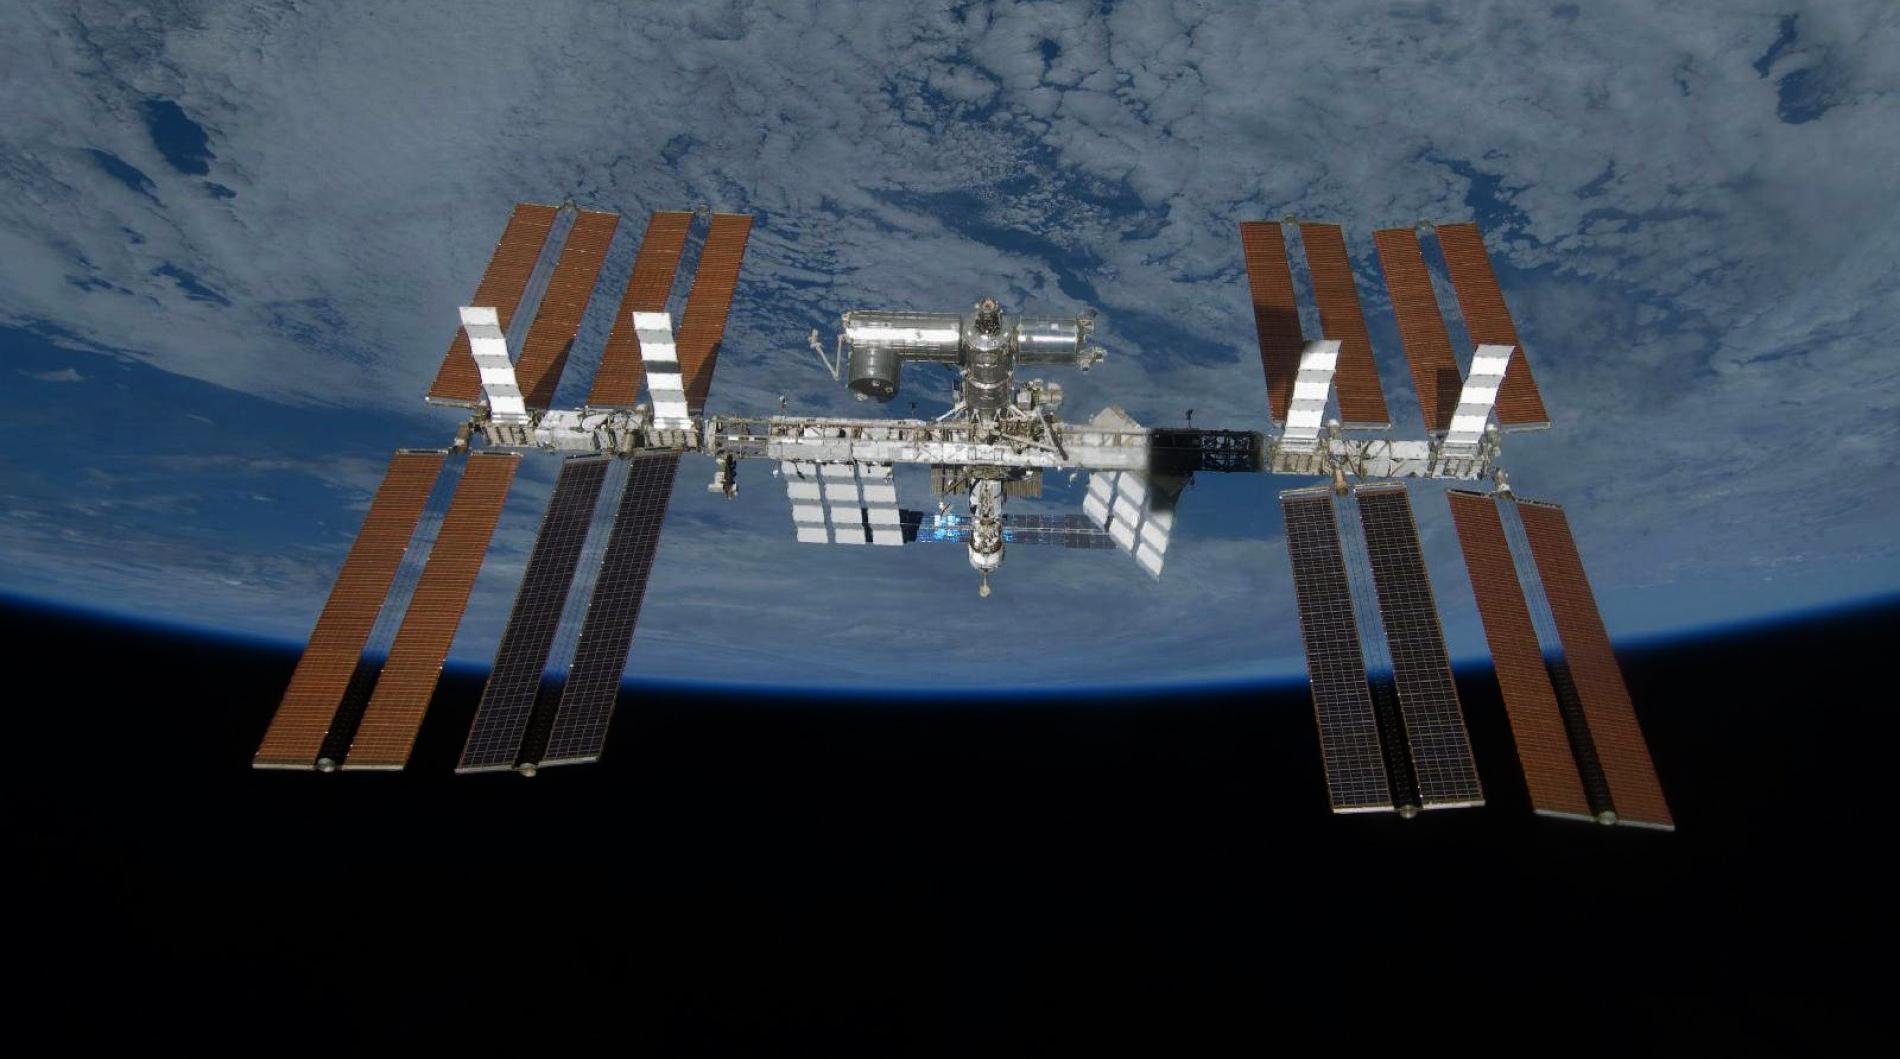 Quinto estado da matéria observado no espaço